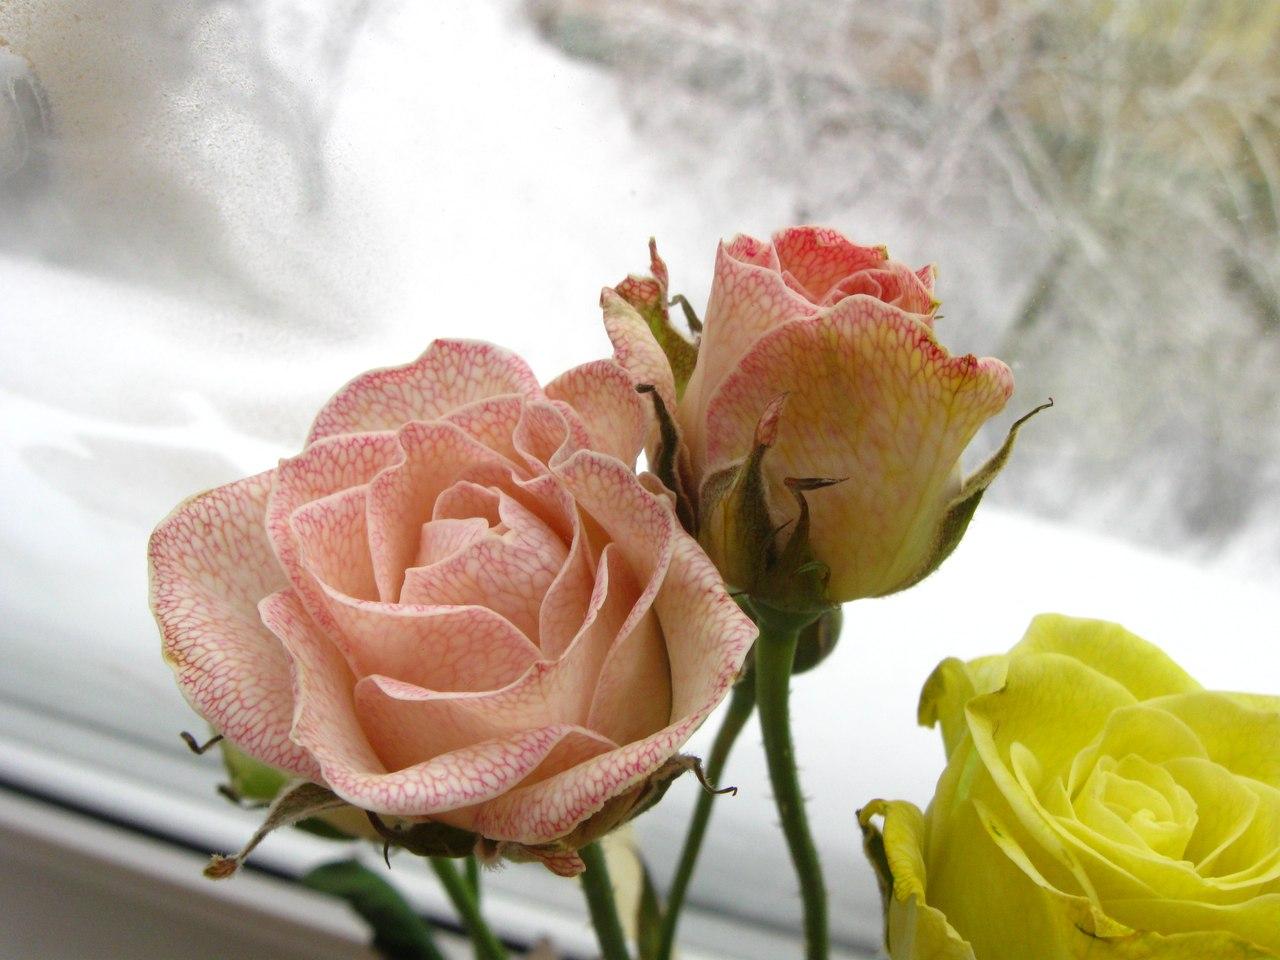 Сироп для чтобы розы простояли дольше люблю цветную капусту